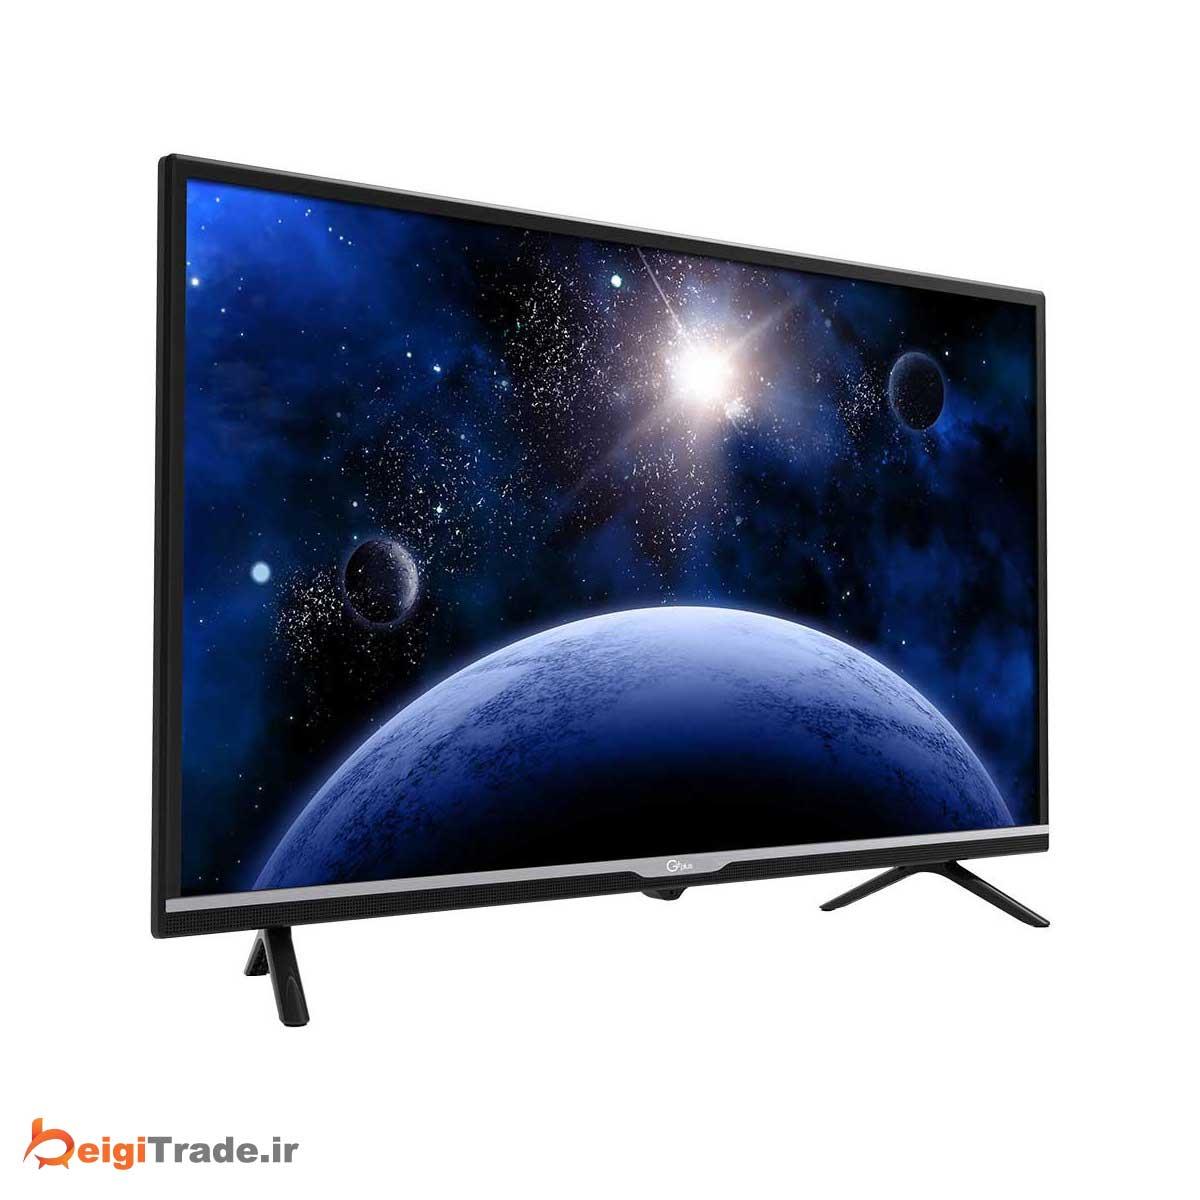 تلویزیون-32-اینچ-LED-جیپلاس-مدل-GTV-32JD512N